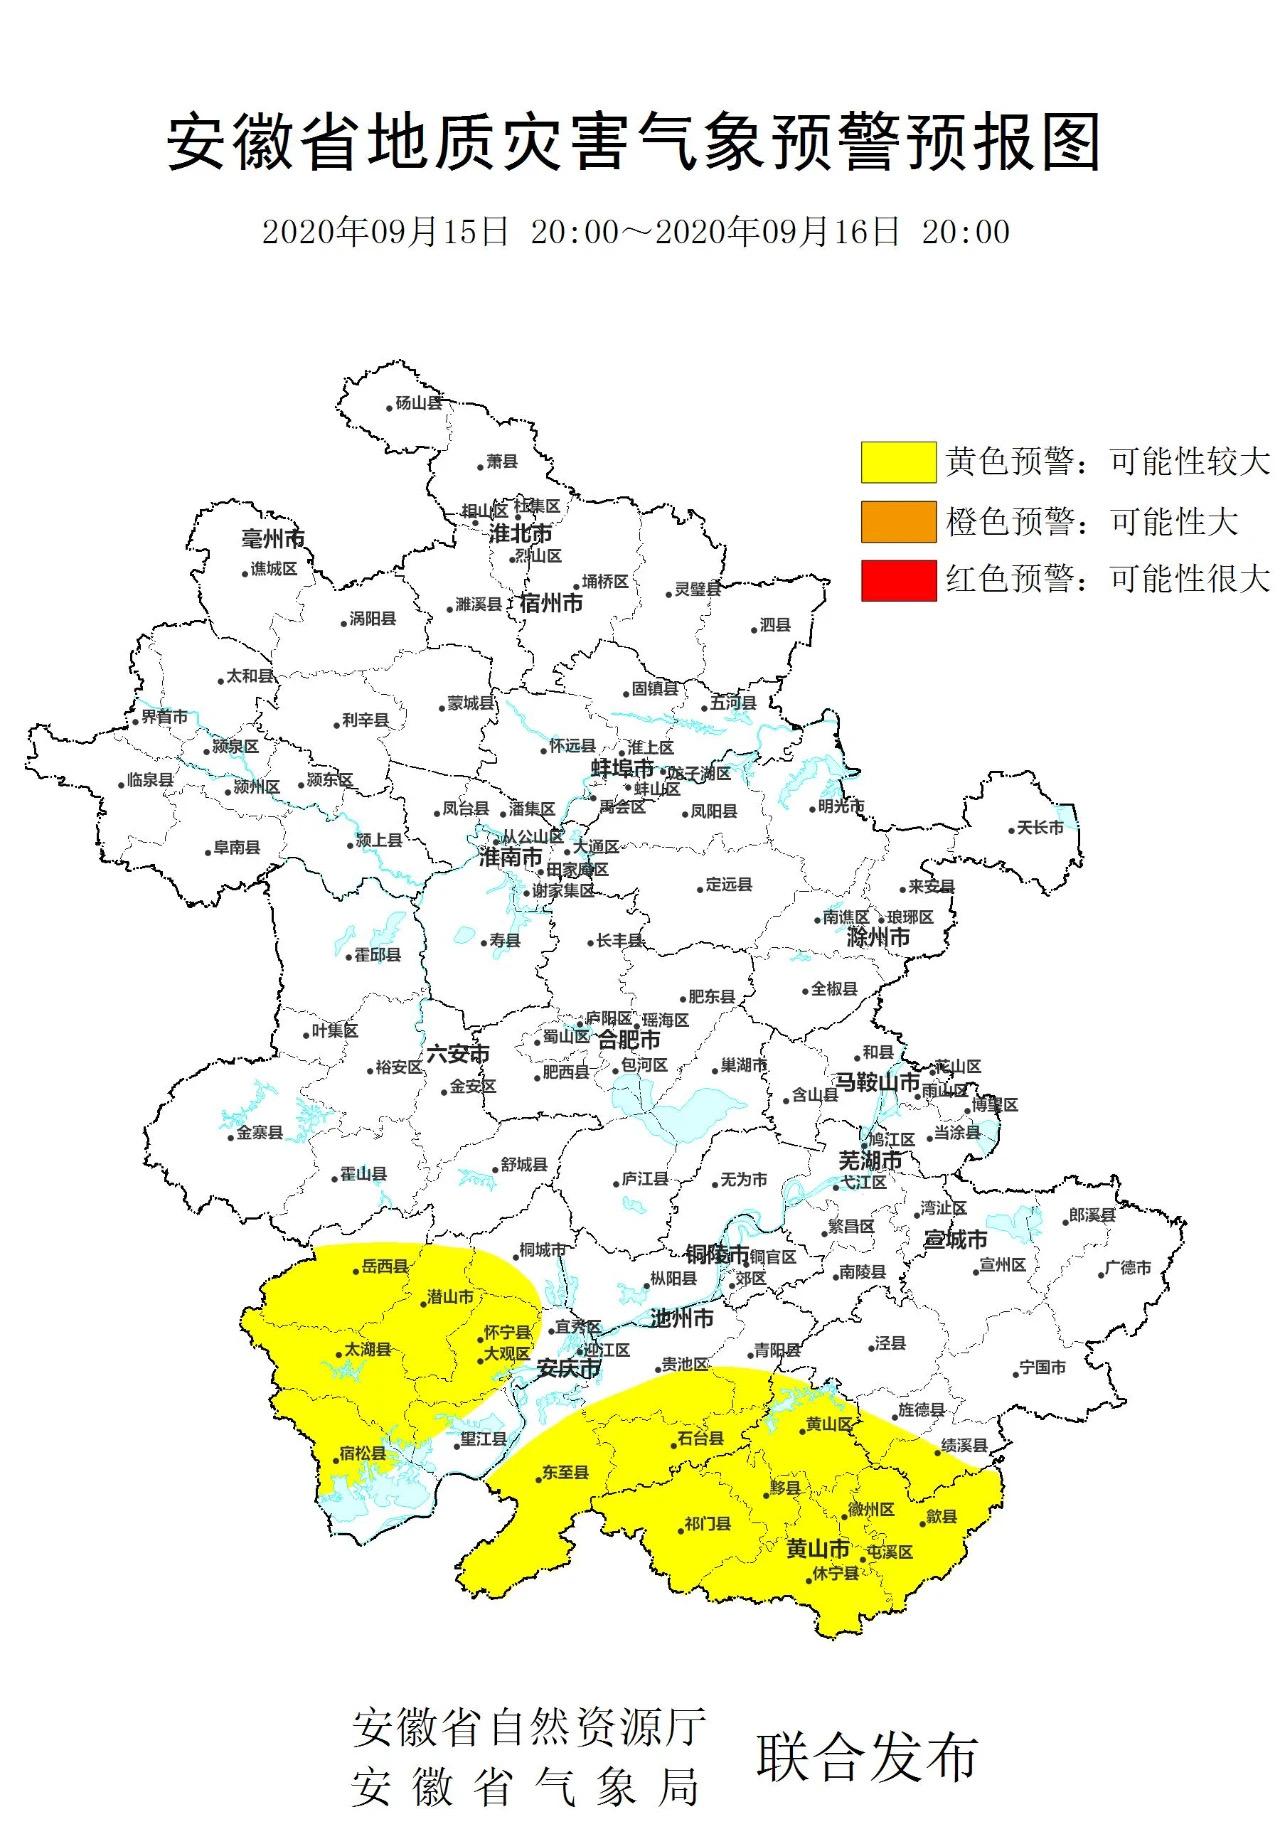 安徽省发布地质灾害黄色预警 皖南山区和大别山区风险高图片